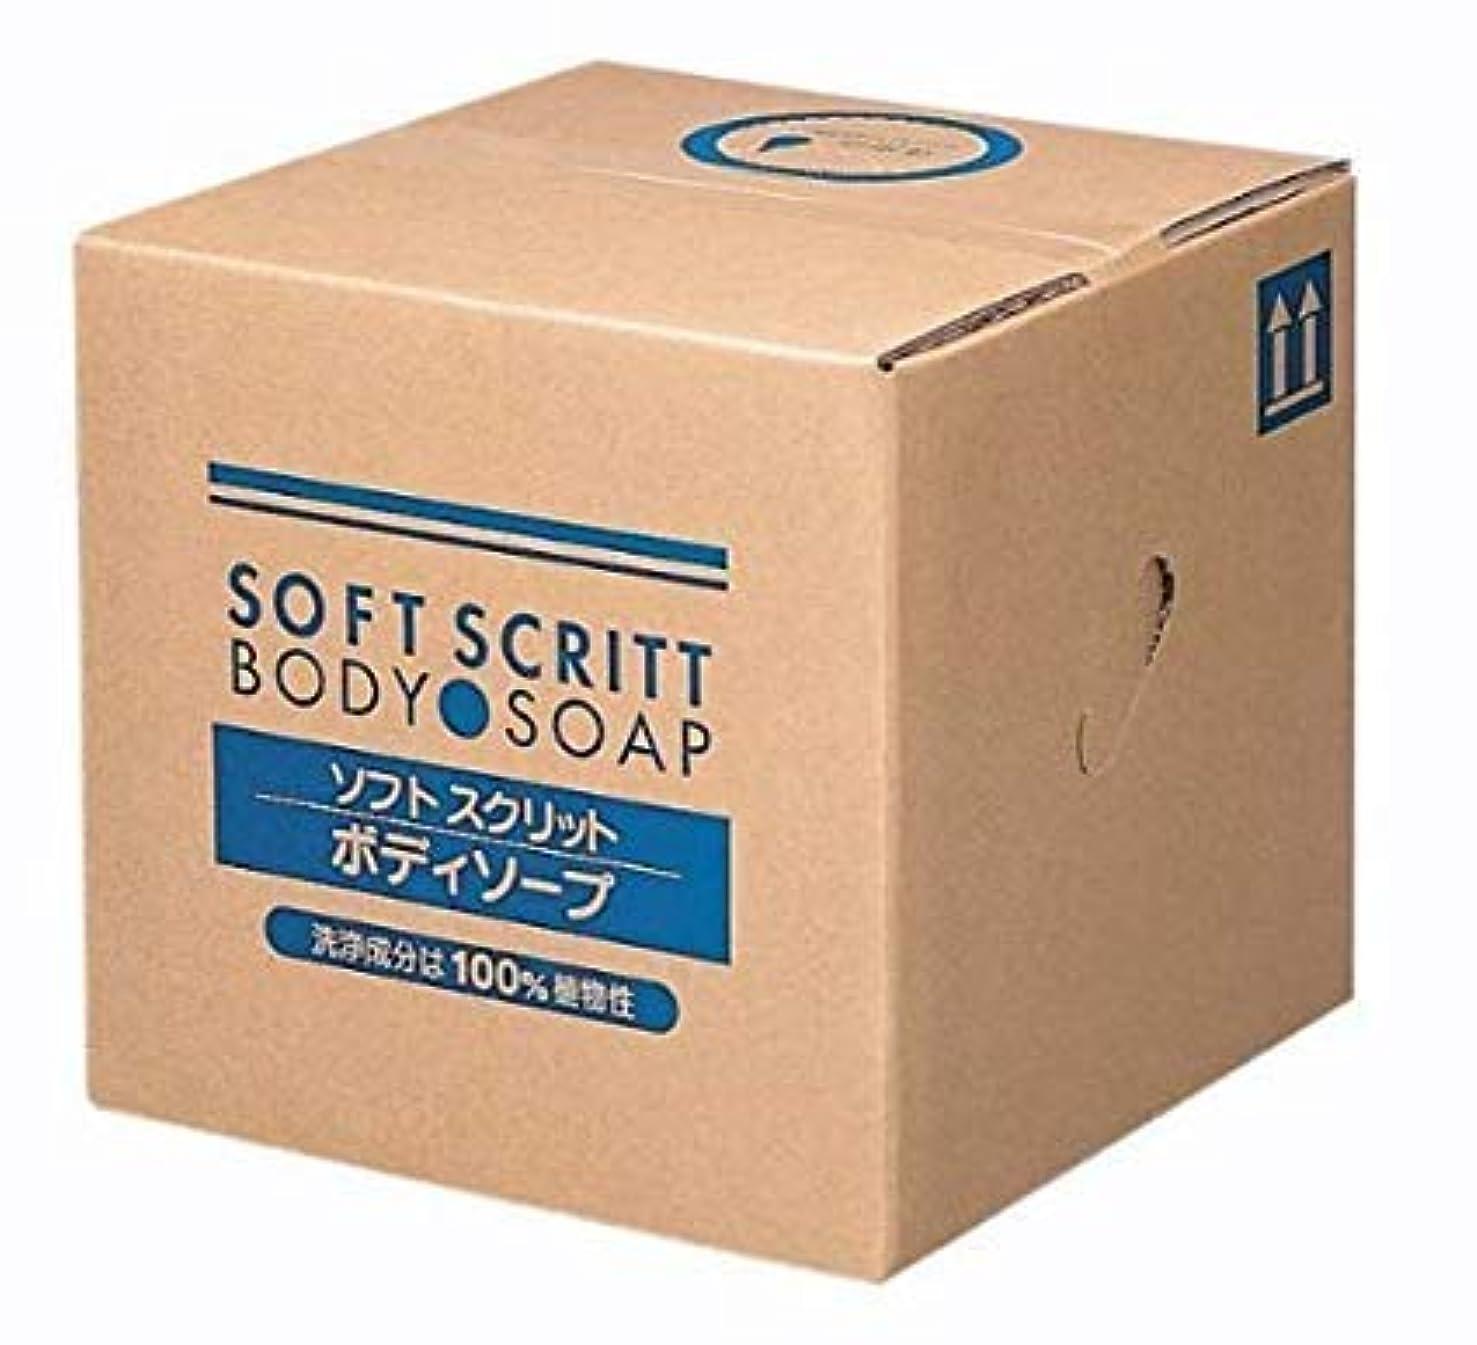 気分専門用語町業務用 SOFT SCRITT(ソフト スクリット) ボディソープ 18L 熊野油脂 (コック付き)